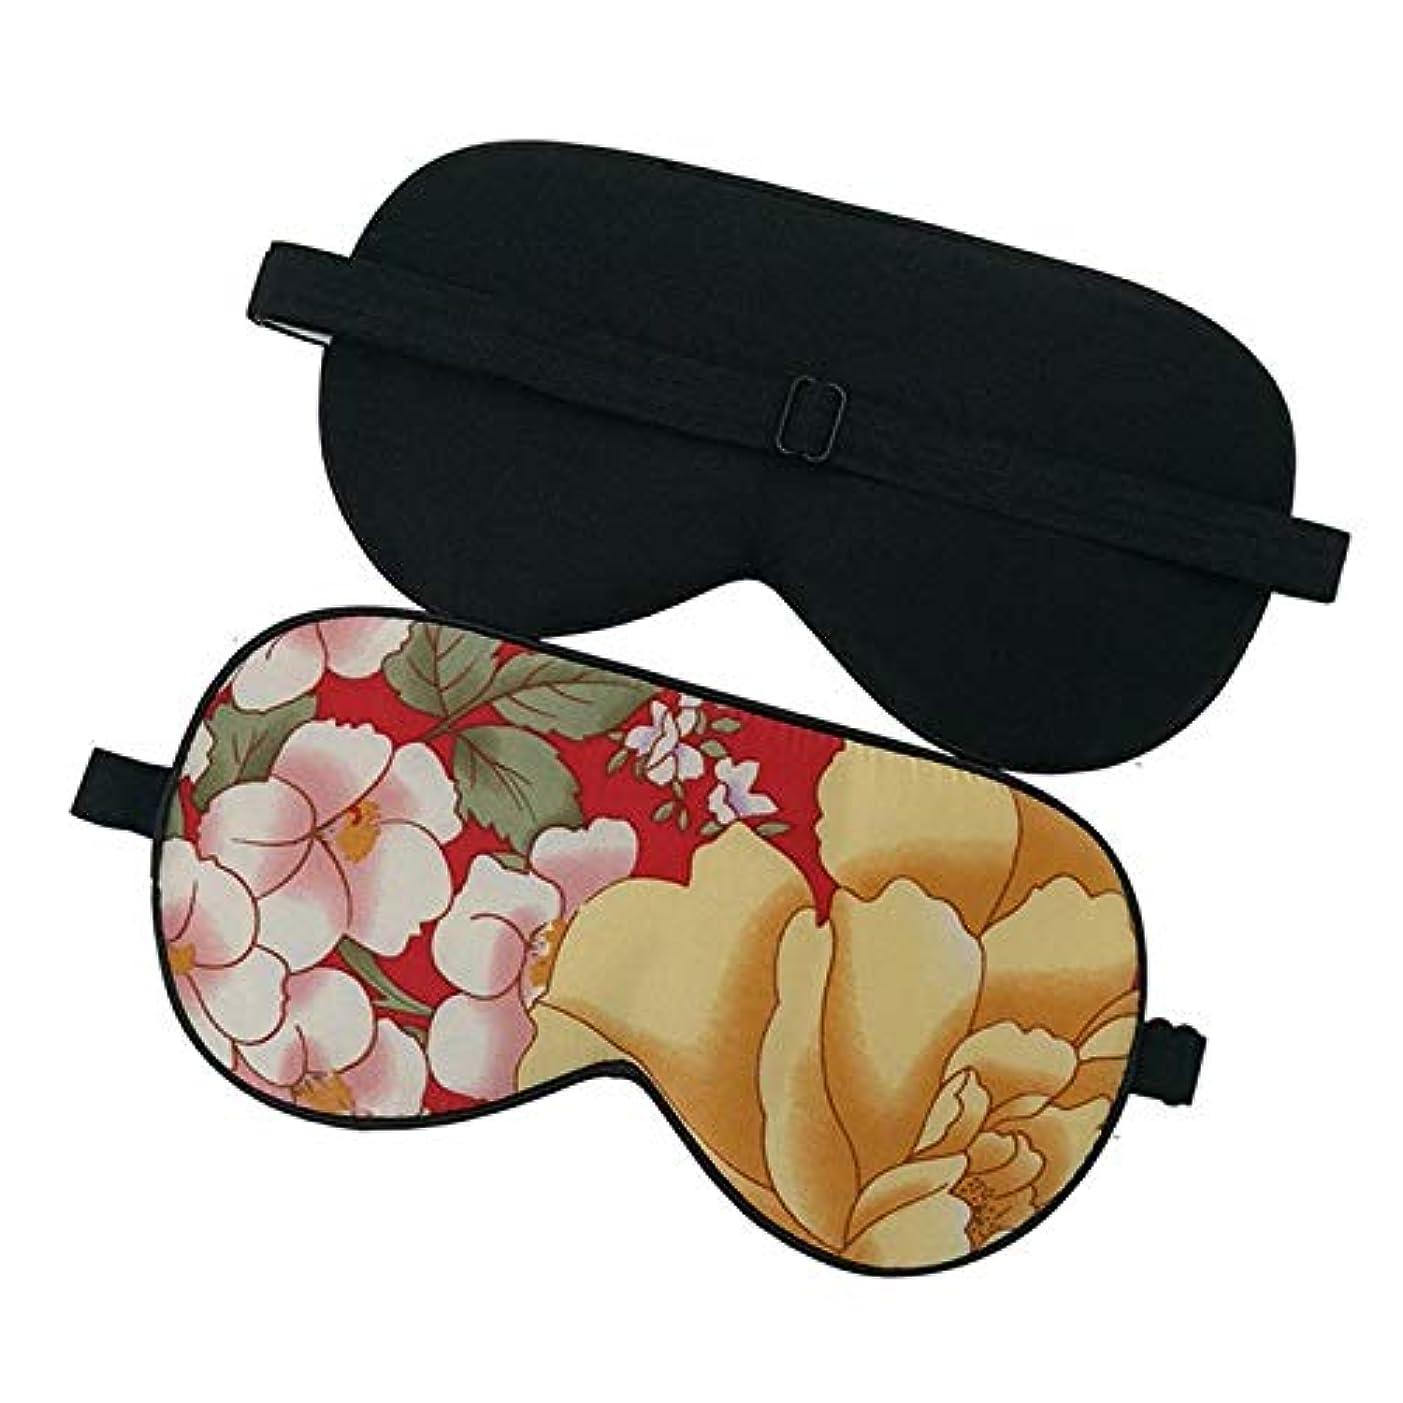 軽食持っている論理的NOTE 100%純粋なシルクスリープアイマスク花柄シルクアイシェードソフト目隠し旅行リラックスエイド調整可能な多色